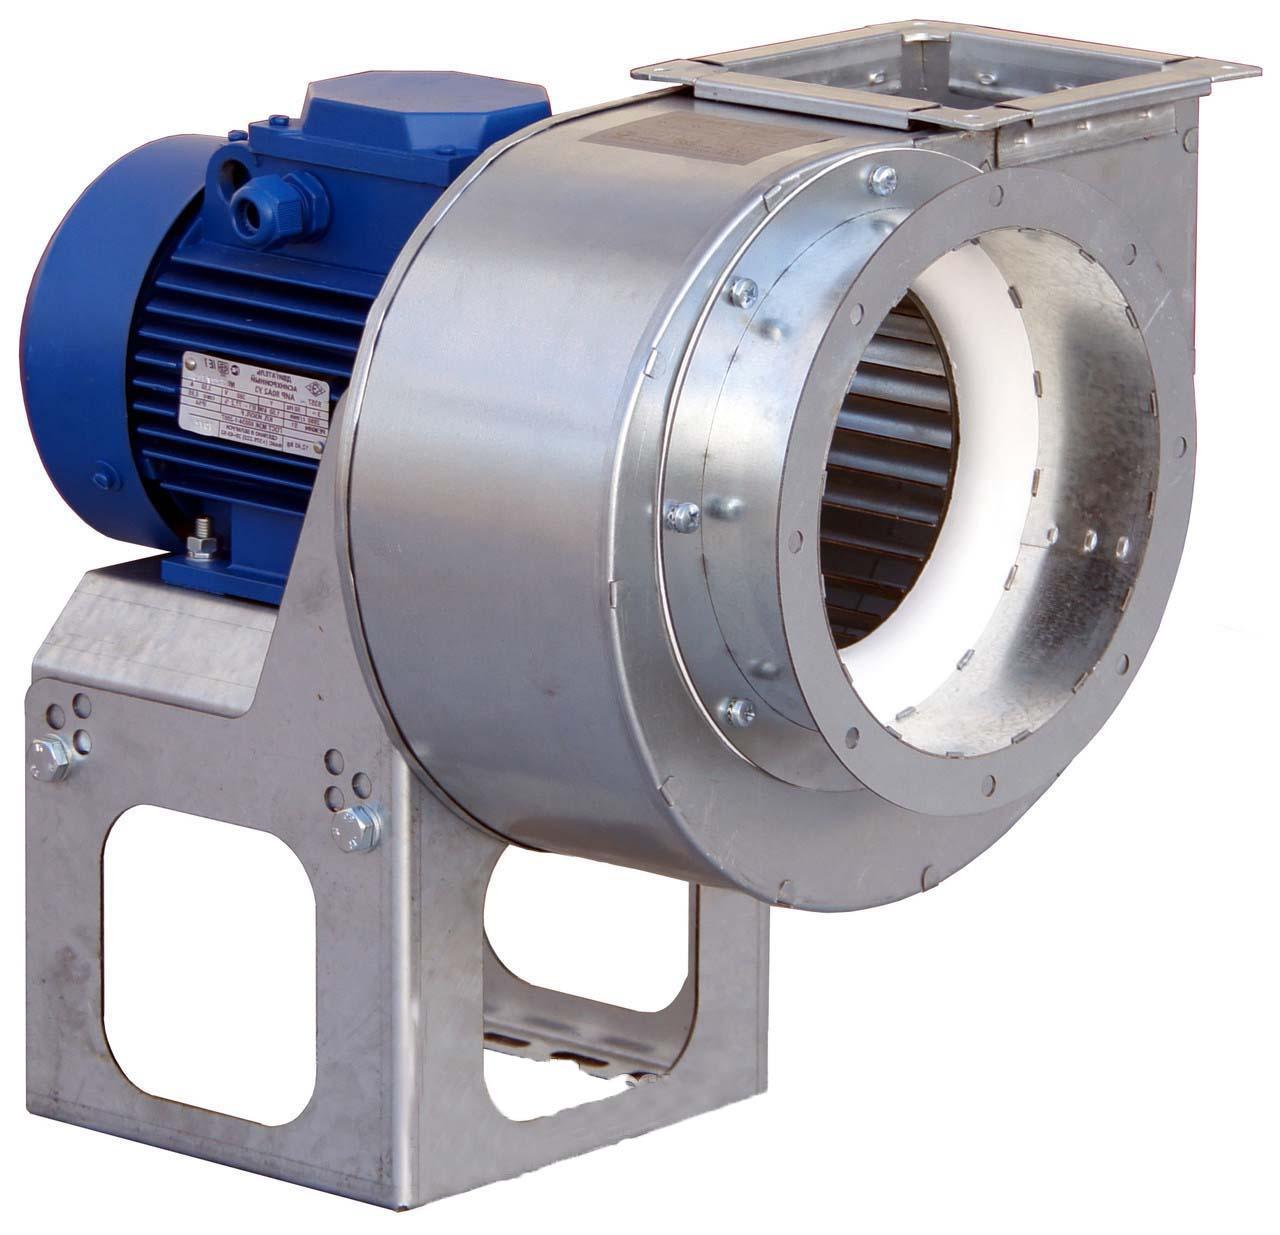 Вентилятор ВР 280-46-4,0 4,0 кВт/1500 об/мин ЛО